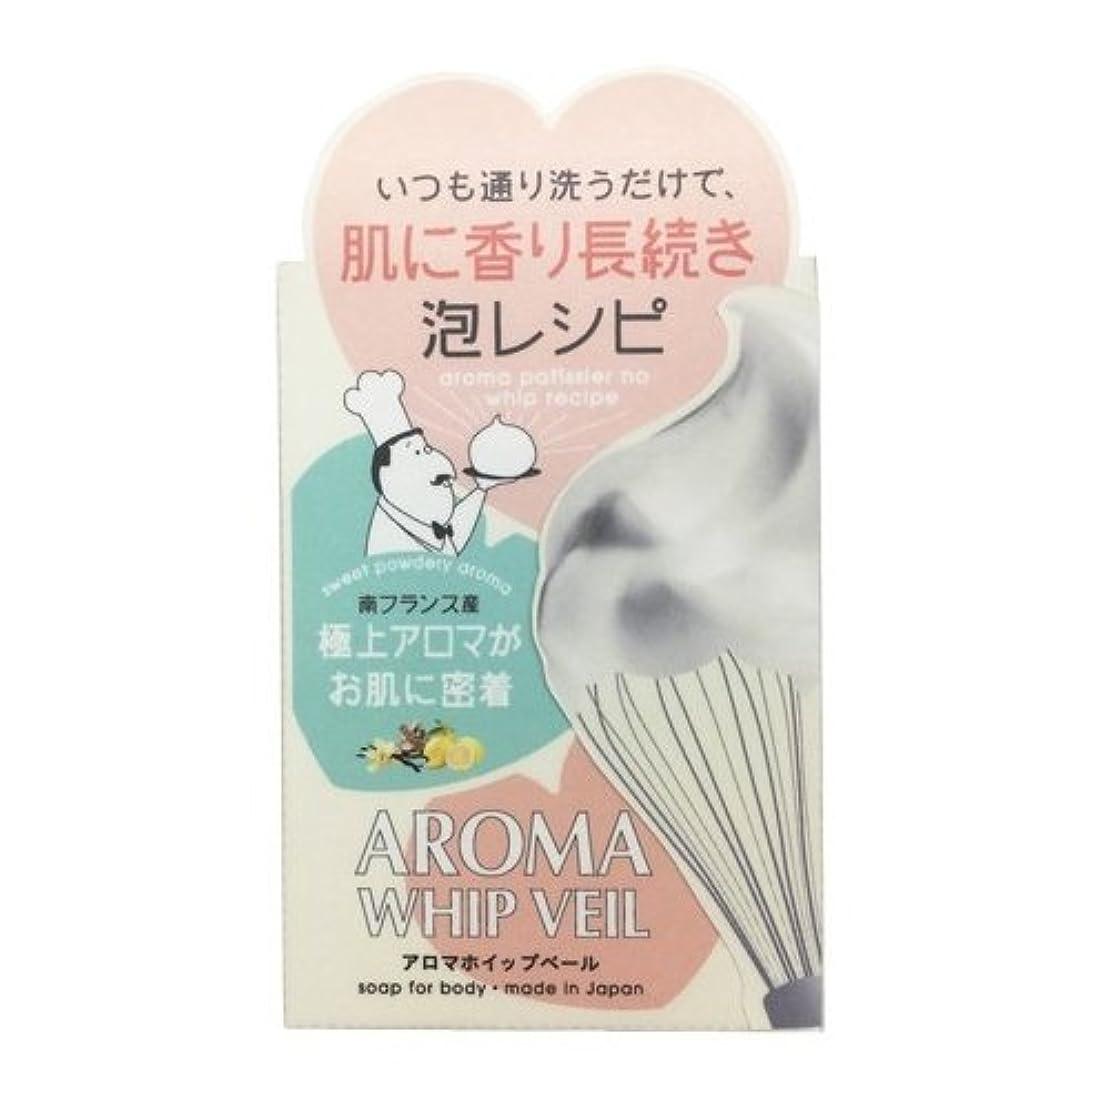 オープニング軸不倫ペリカン石鹸 アロマホイップベール石鹸 100g